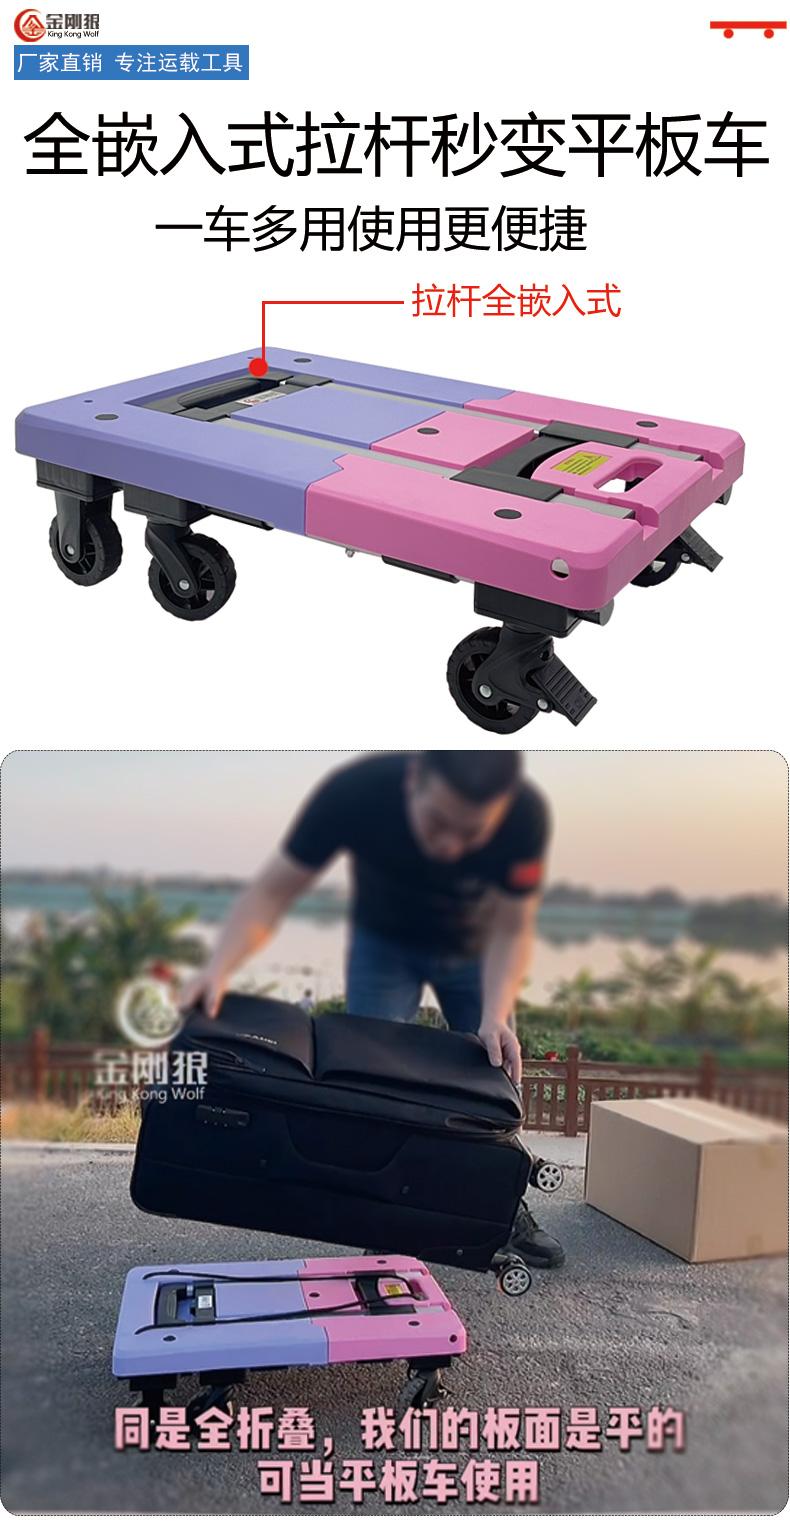 可摺迭六轮伸缩手拉车可携式小推车家用搬运车平板车买菜推车拉货车详细照片